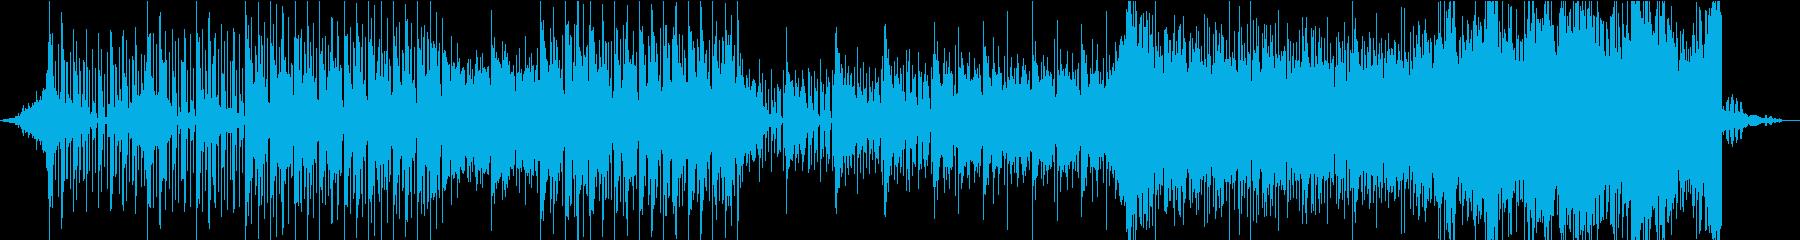 歪んだ空気感を表現したエレクトロニカの再生済みの波形